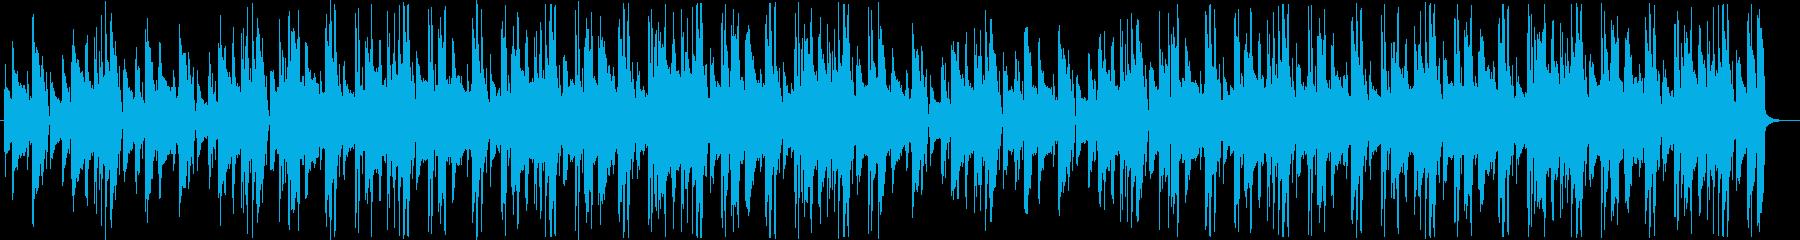 ローファイ ミステリアス 探検の再生済みの波形